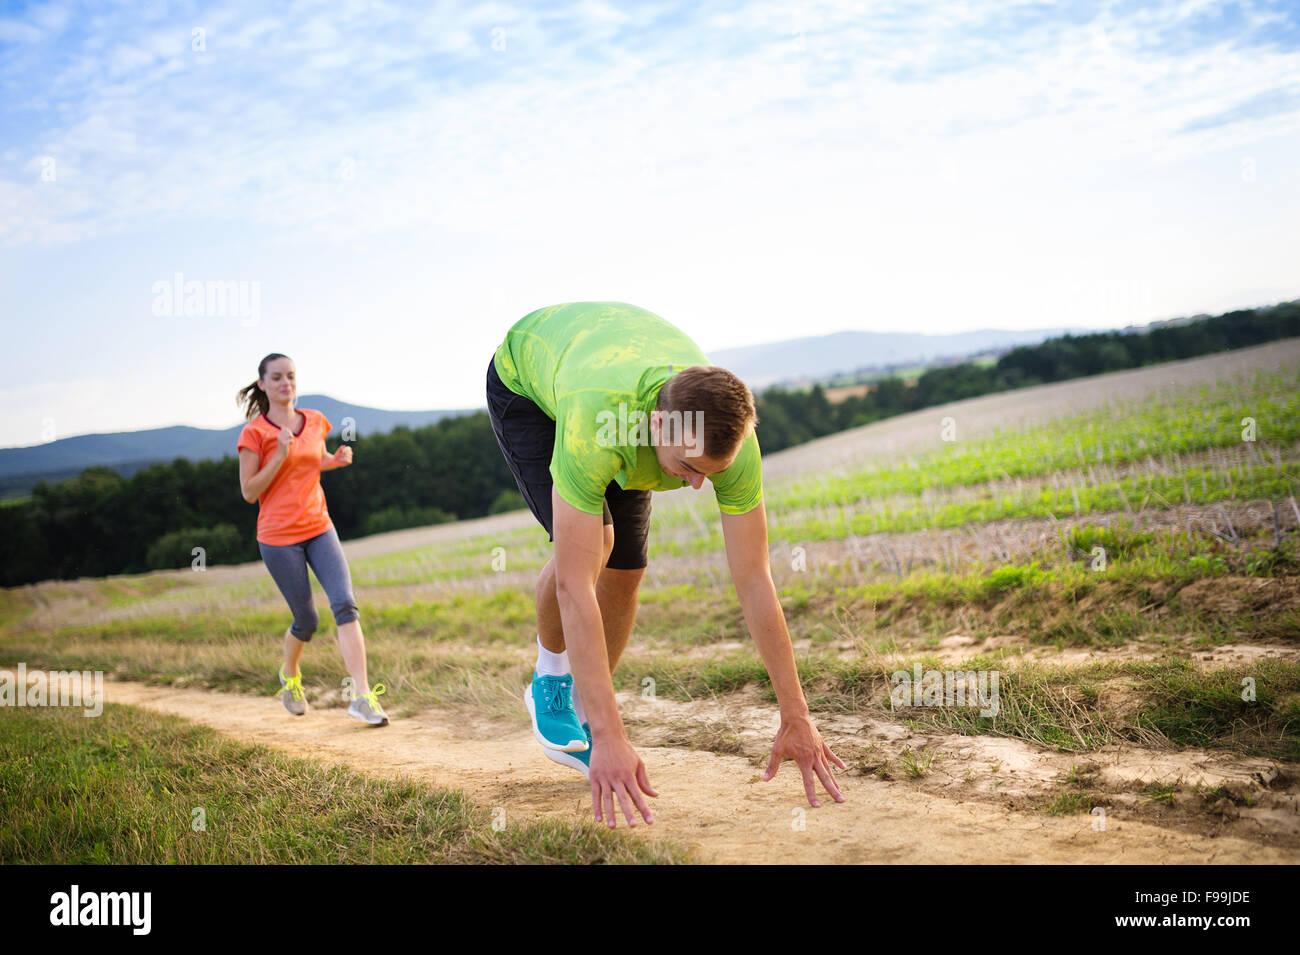 Männliche Läufer stolpern und fallen nach unten auf die Langlaufloipe Stockbild